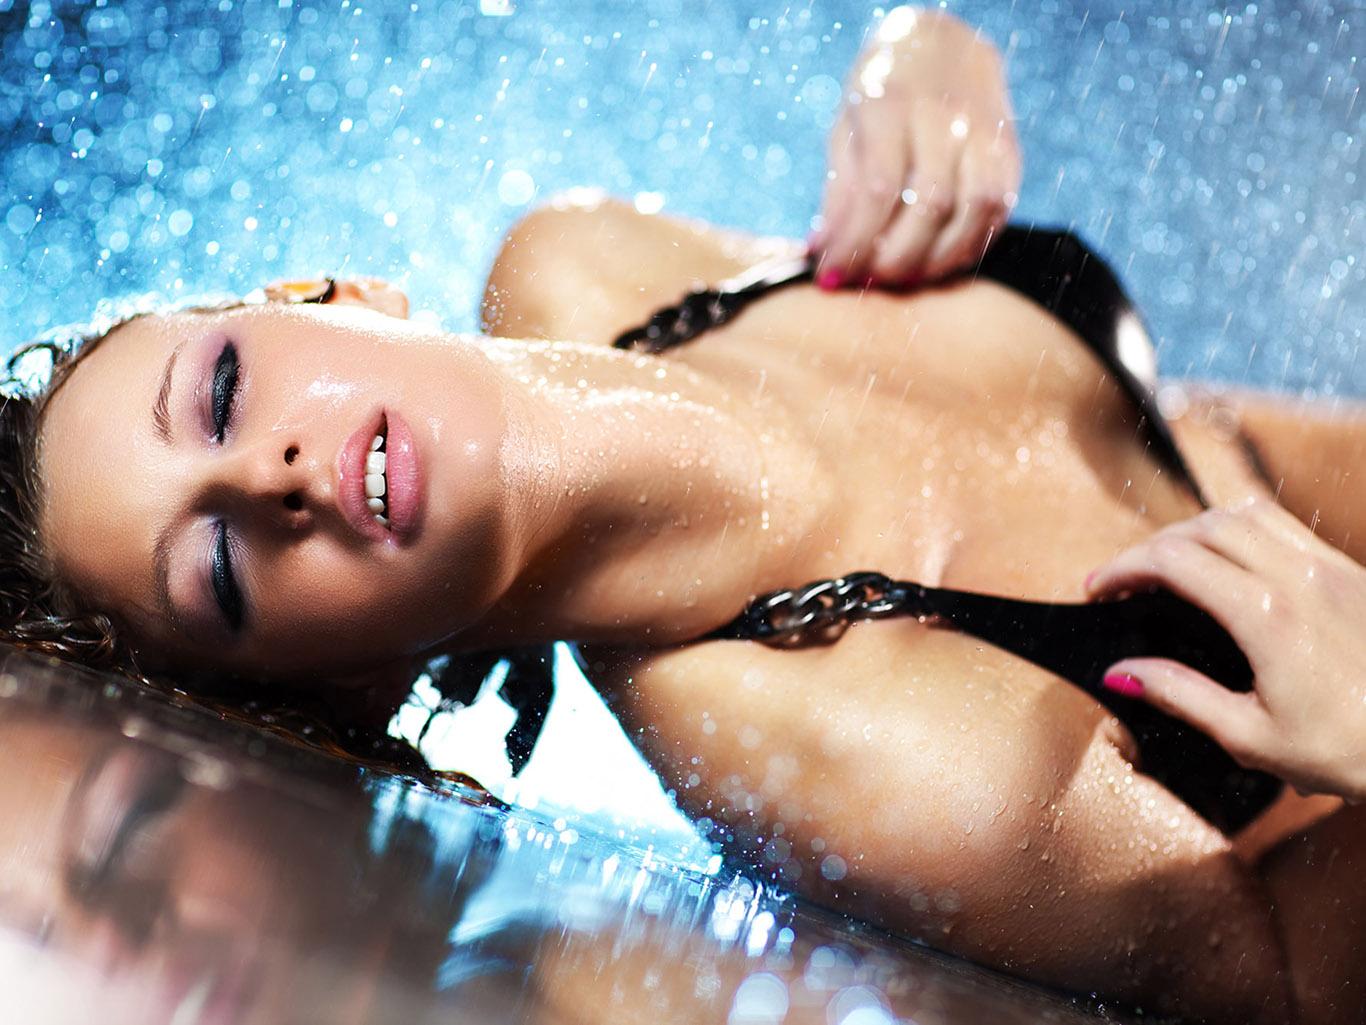 Видео порно женские выделения при оргазме 190